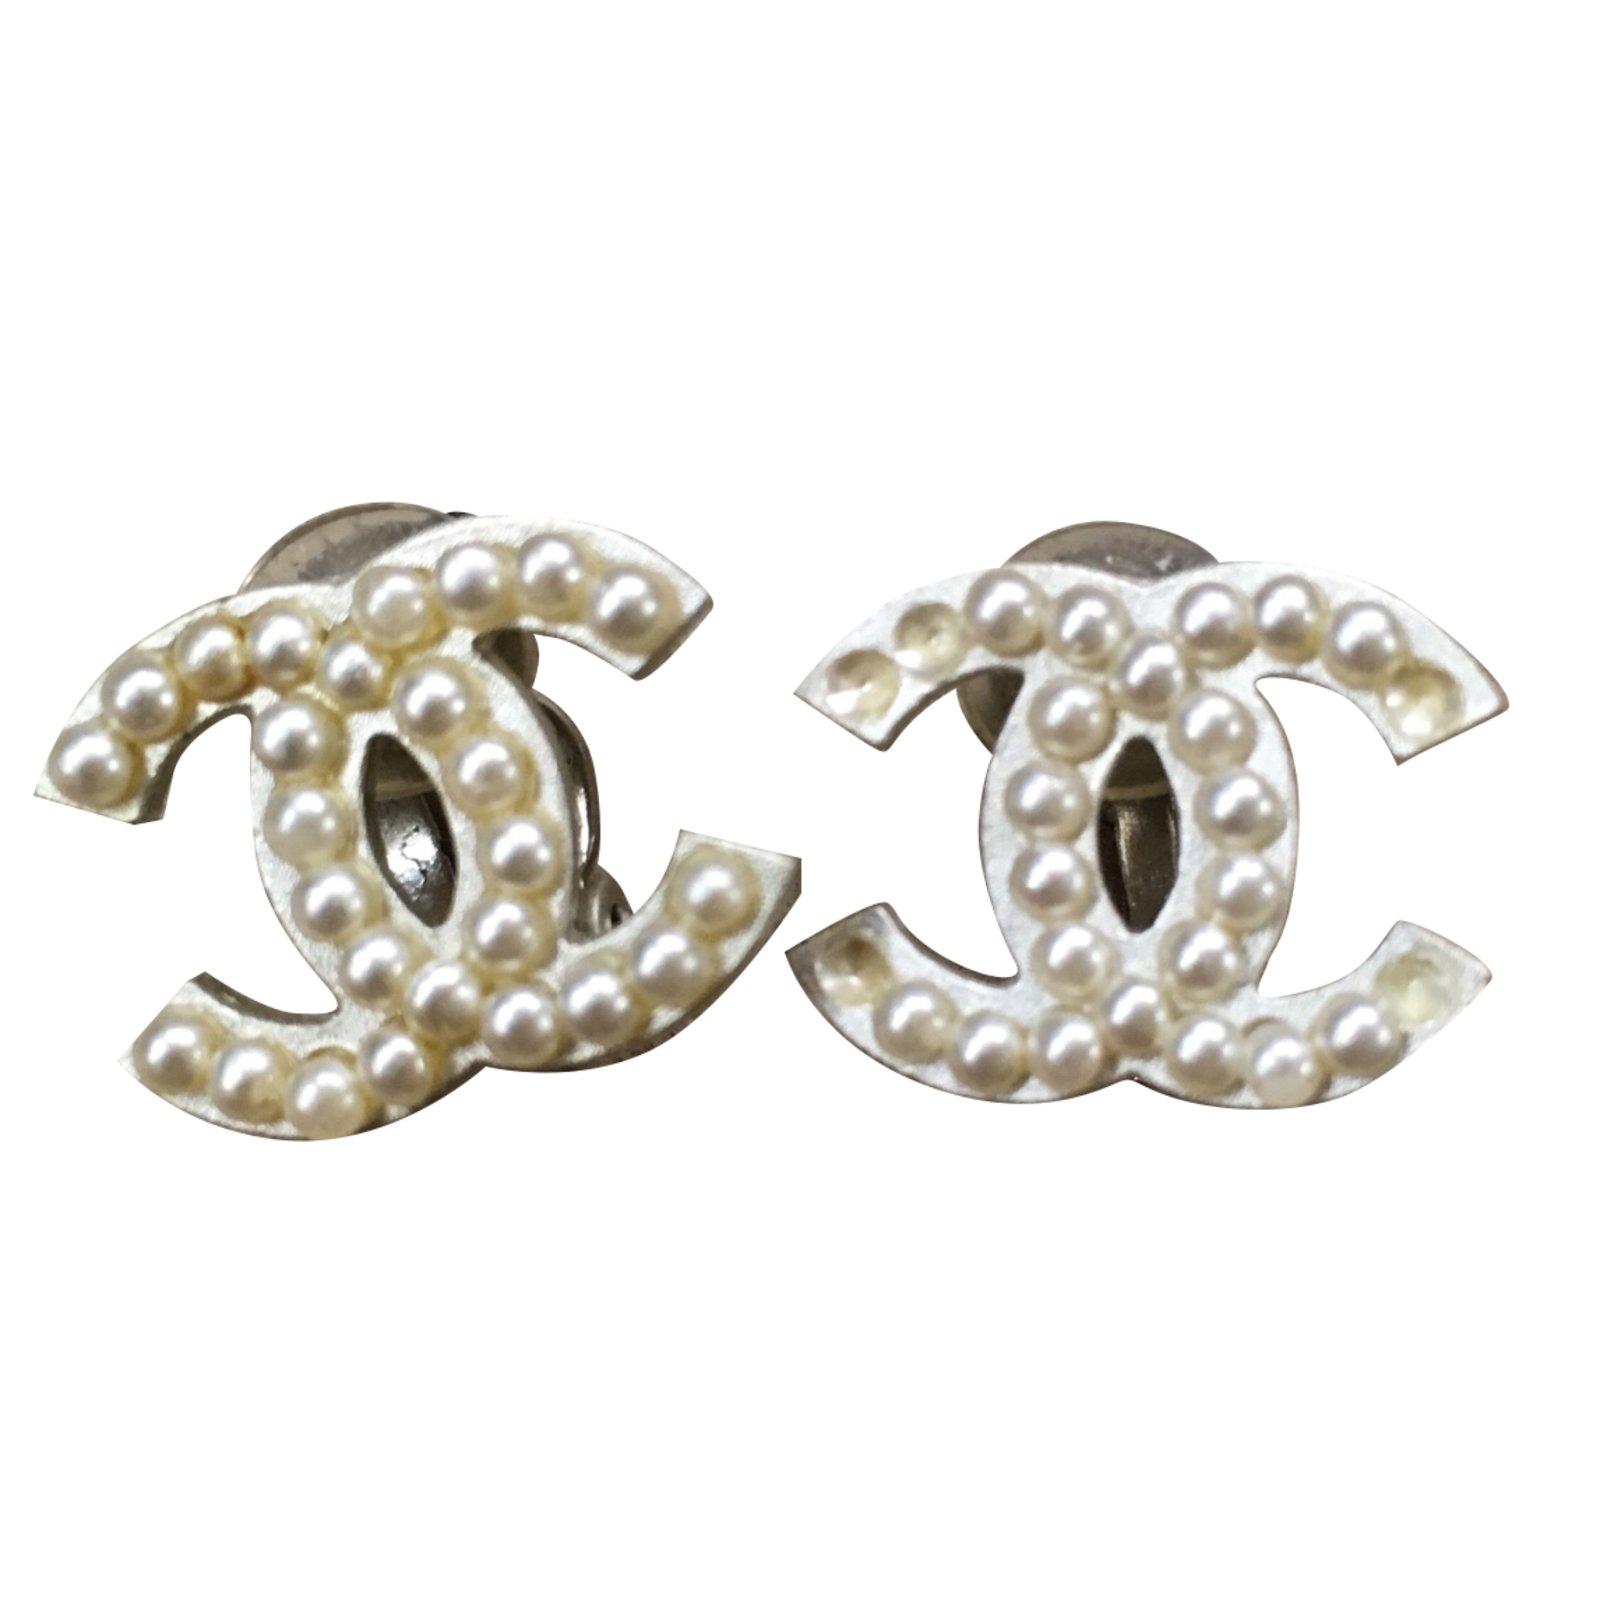 Boucles D Oreilles Chanel Boucles D Oreilles Perle Blanc Cassé Ref 91682 Joli Closet